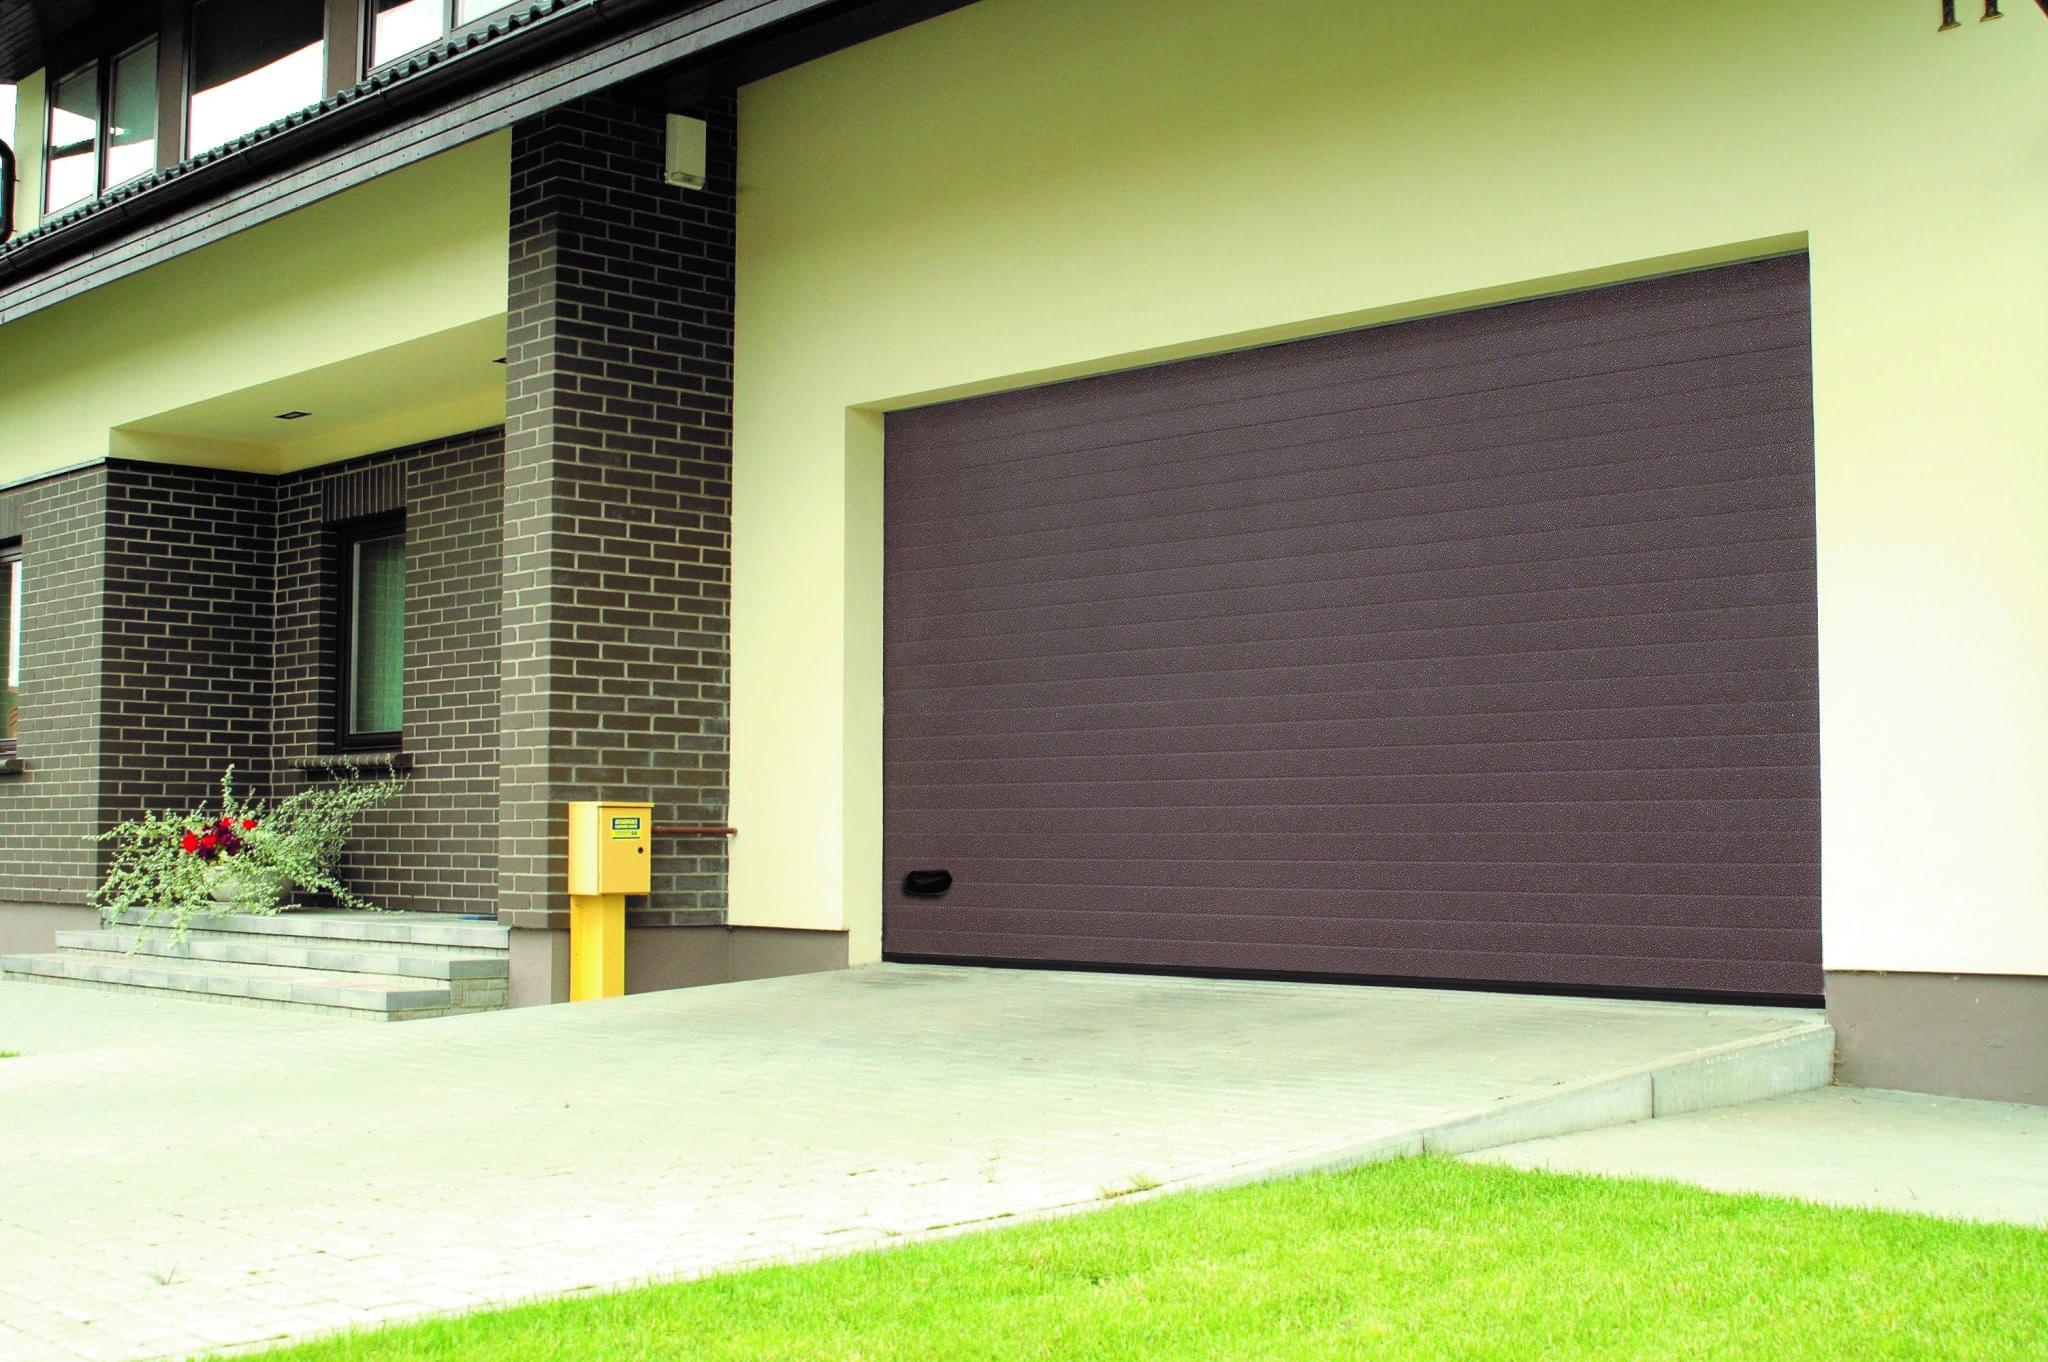 Как выбрать гаражные ворота: сравнение по пяти главным критериям - фото - статья на блоге компании ВСВ-Групп